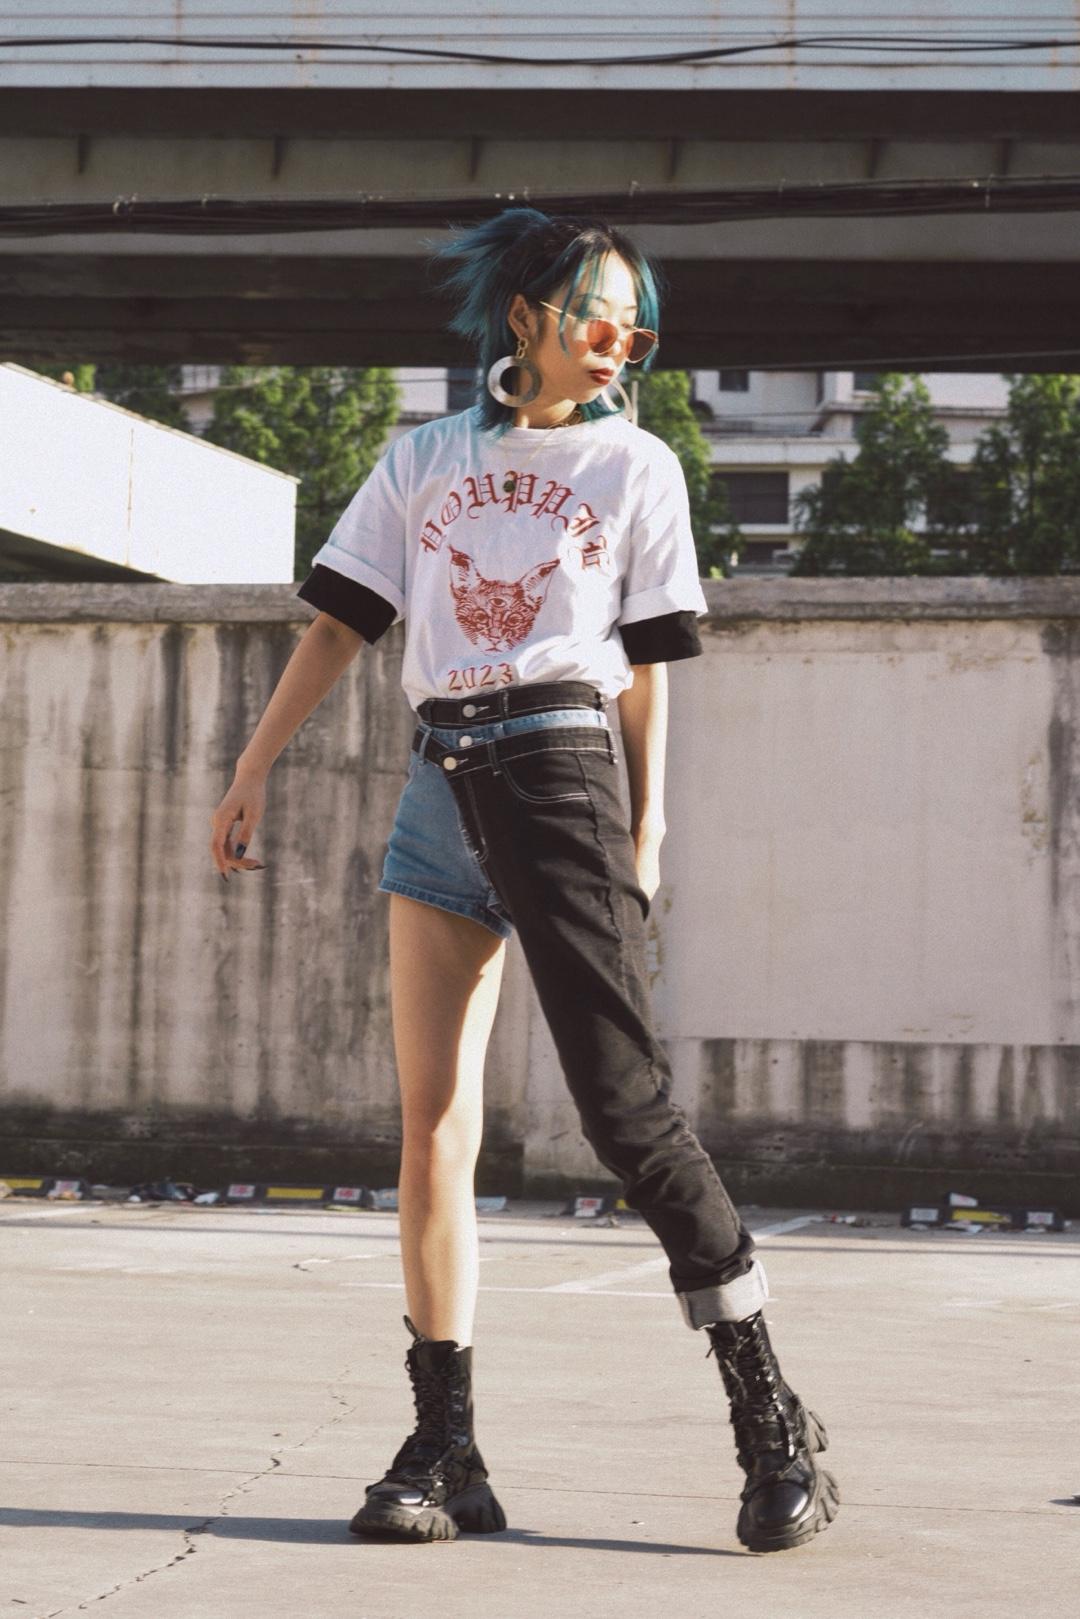 🏙美式街头穿搭🏙 穿上这一套感觉自己行走在加州街头!裤子特别有亮点,可以拆卸两穿。上装是两件T恤的叠穿,在春夏交替季节,增加层次感又不会热。哥特文字和印花小猫都为整体带来了满满的街头感!#分享T恤的100种穿法#